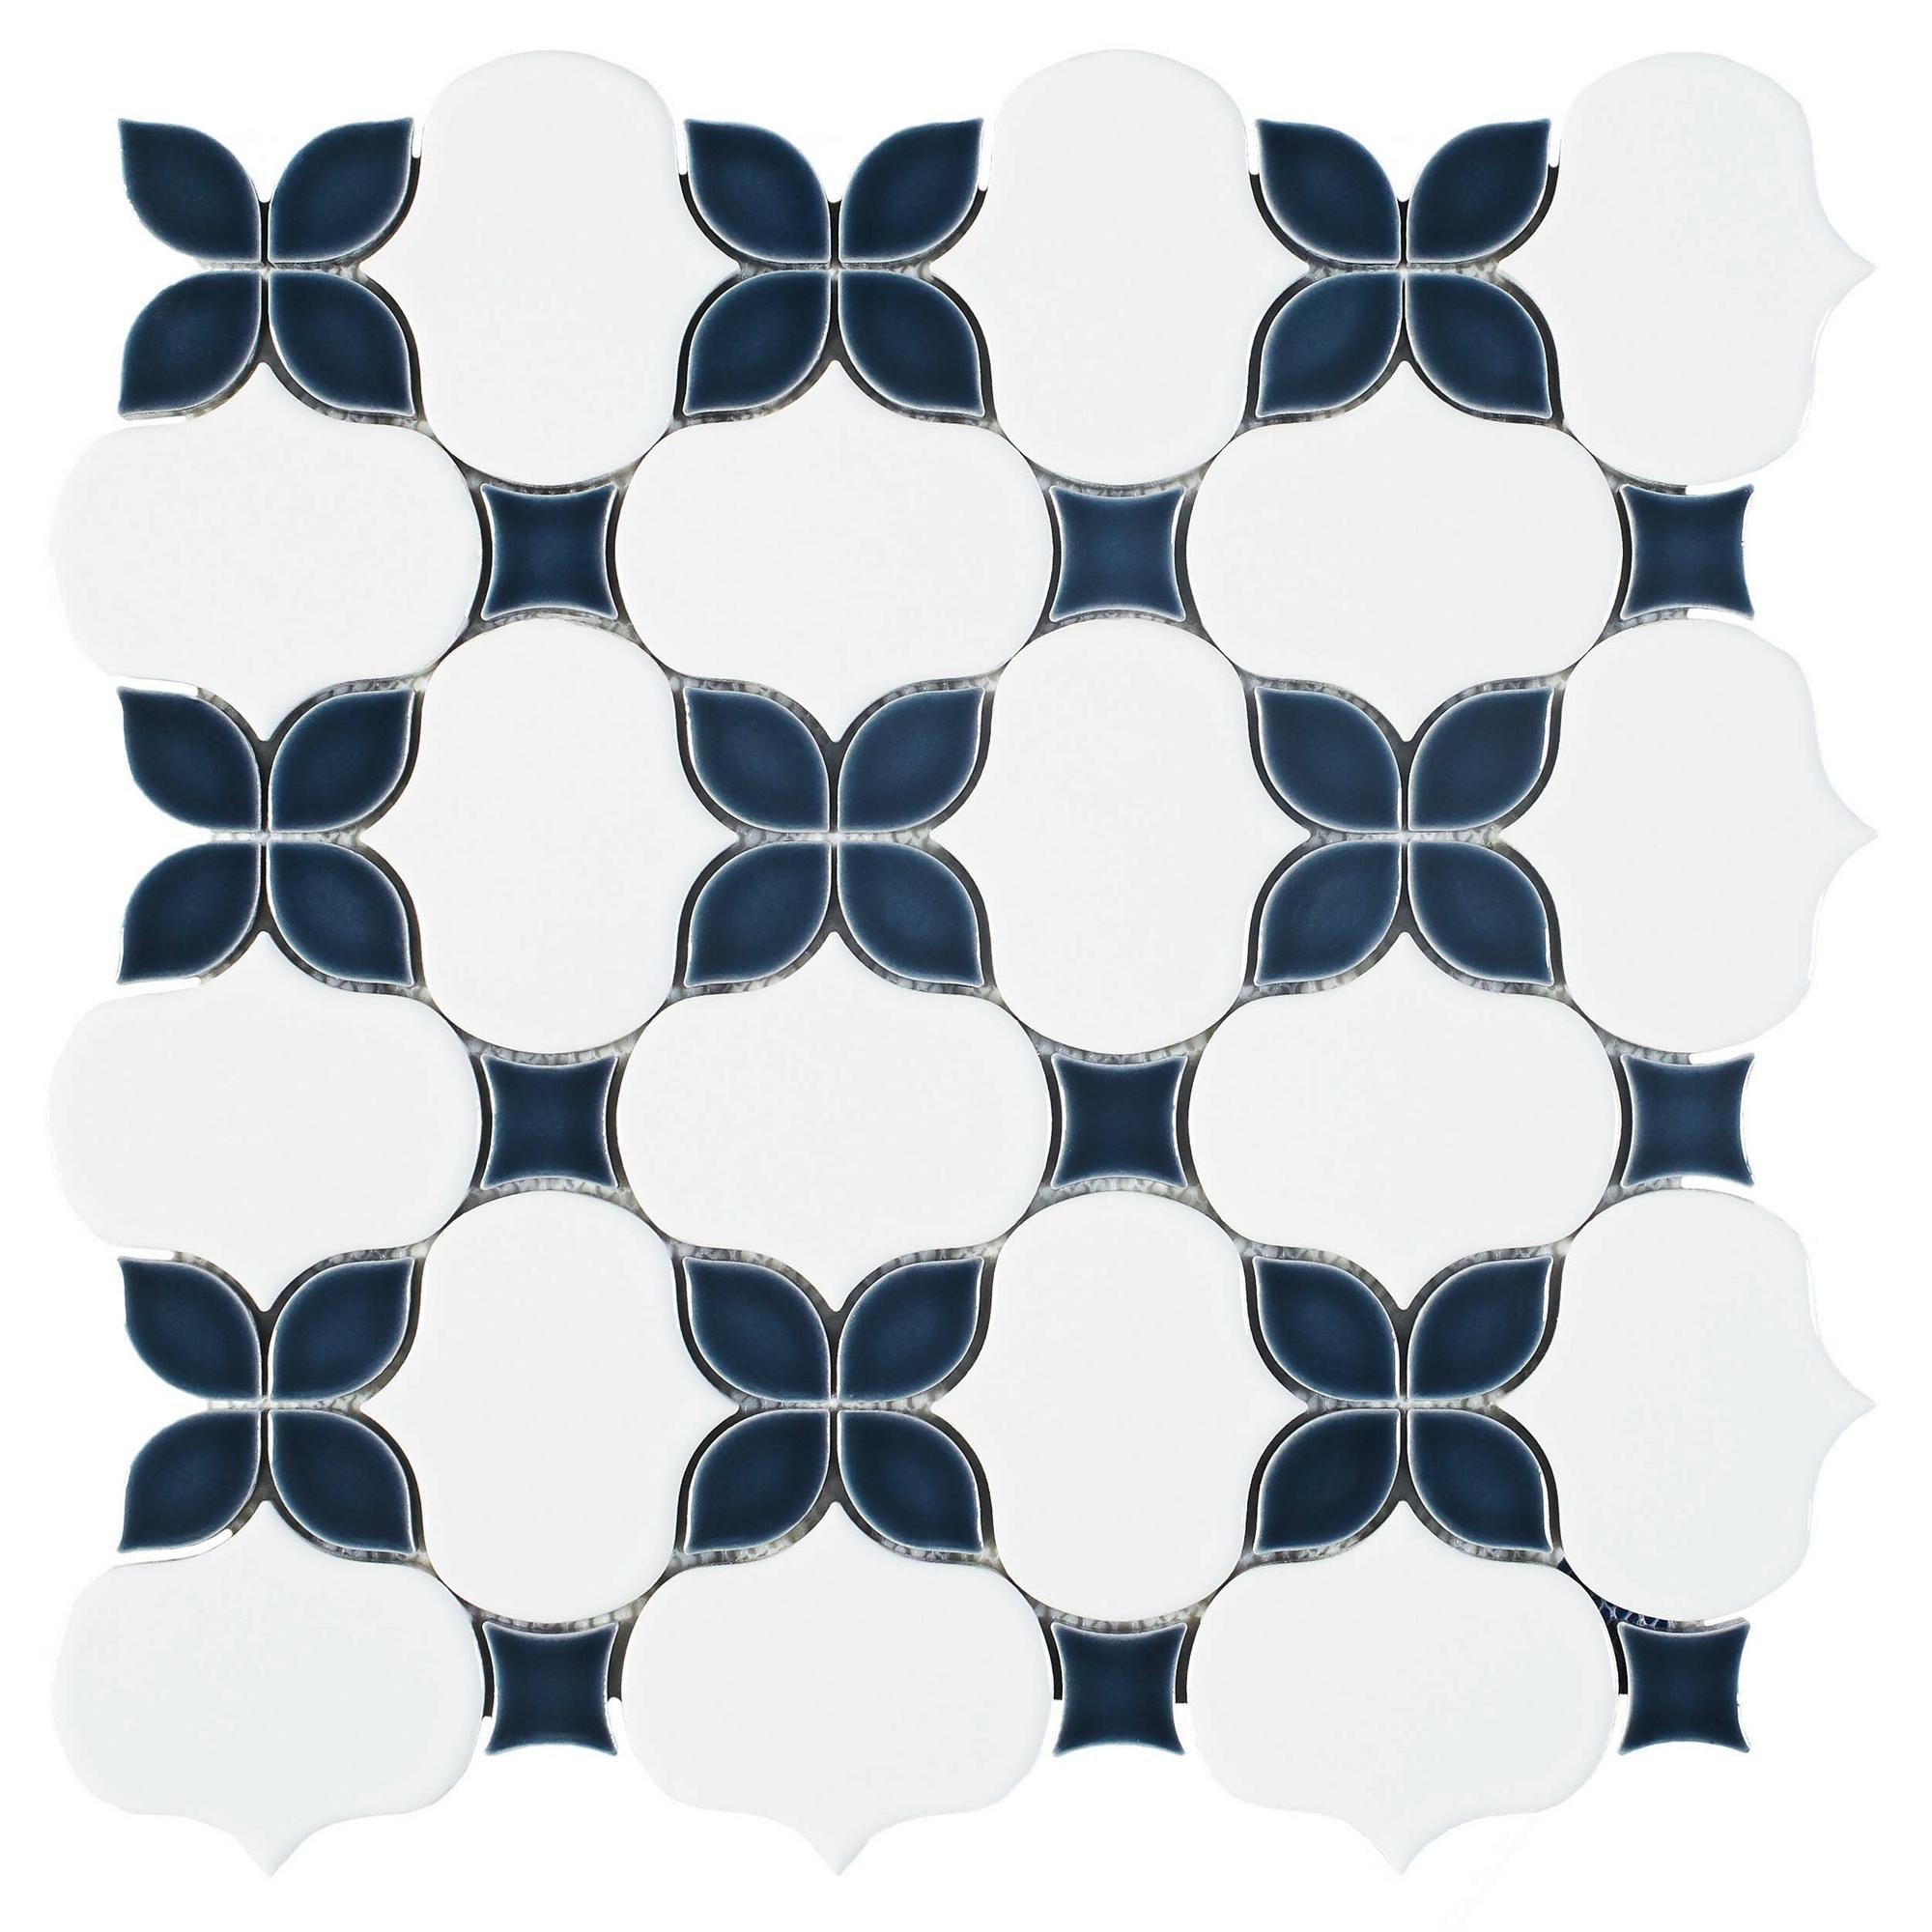 Iris Anchors Polished Porcelain Mosaic Porcelain Mosaic Mosaic Flooring Floral Mosaic Tile